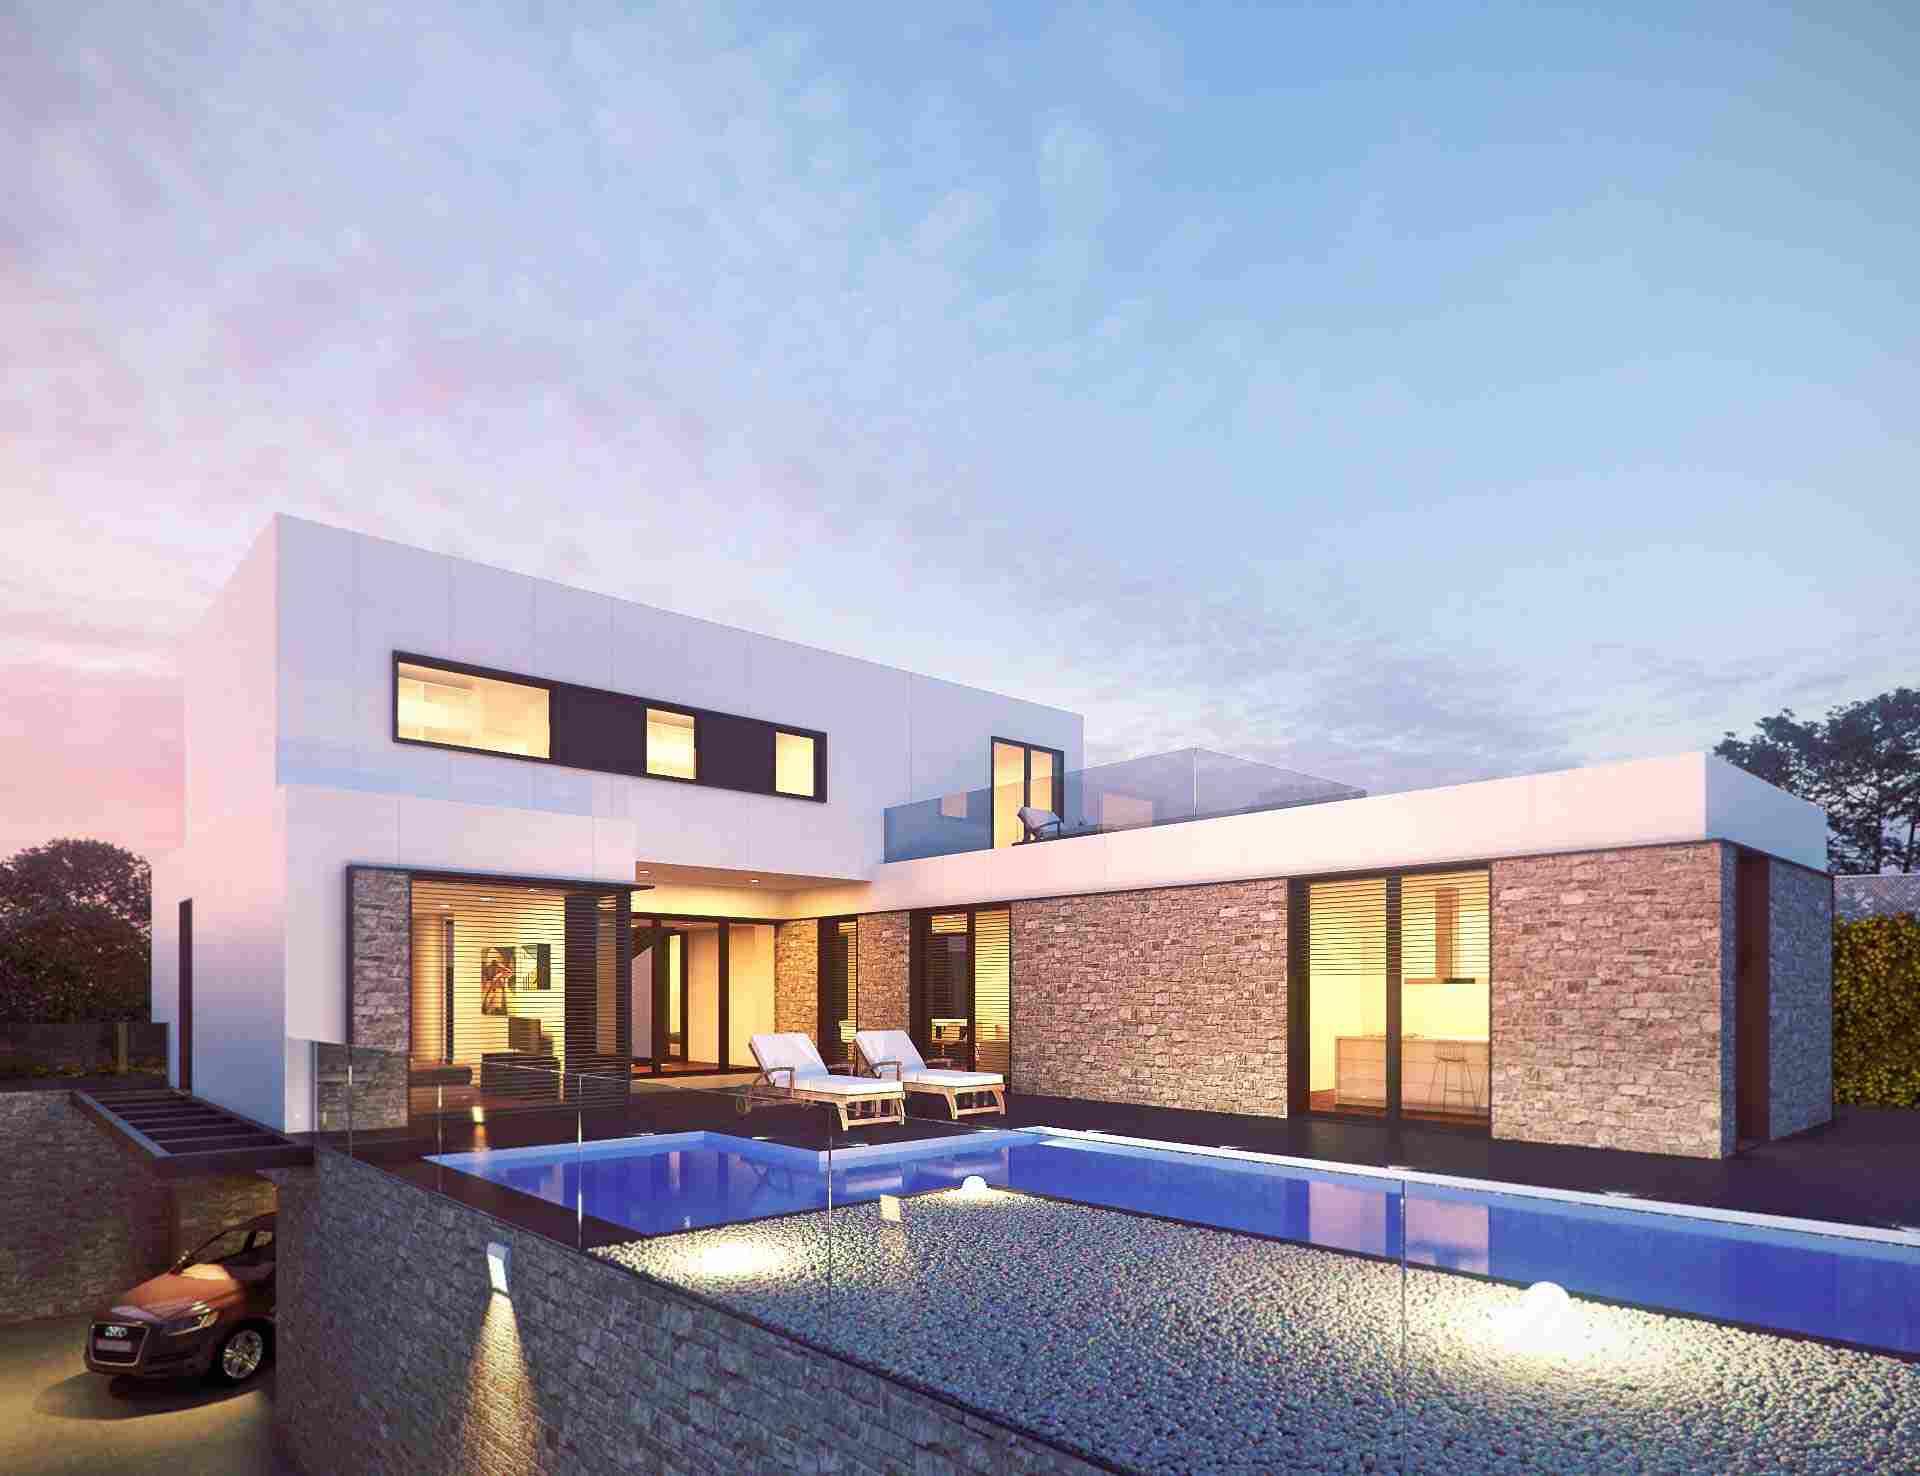 vivienda-modular-lujo